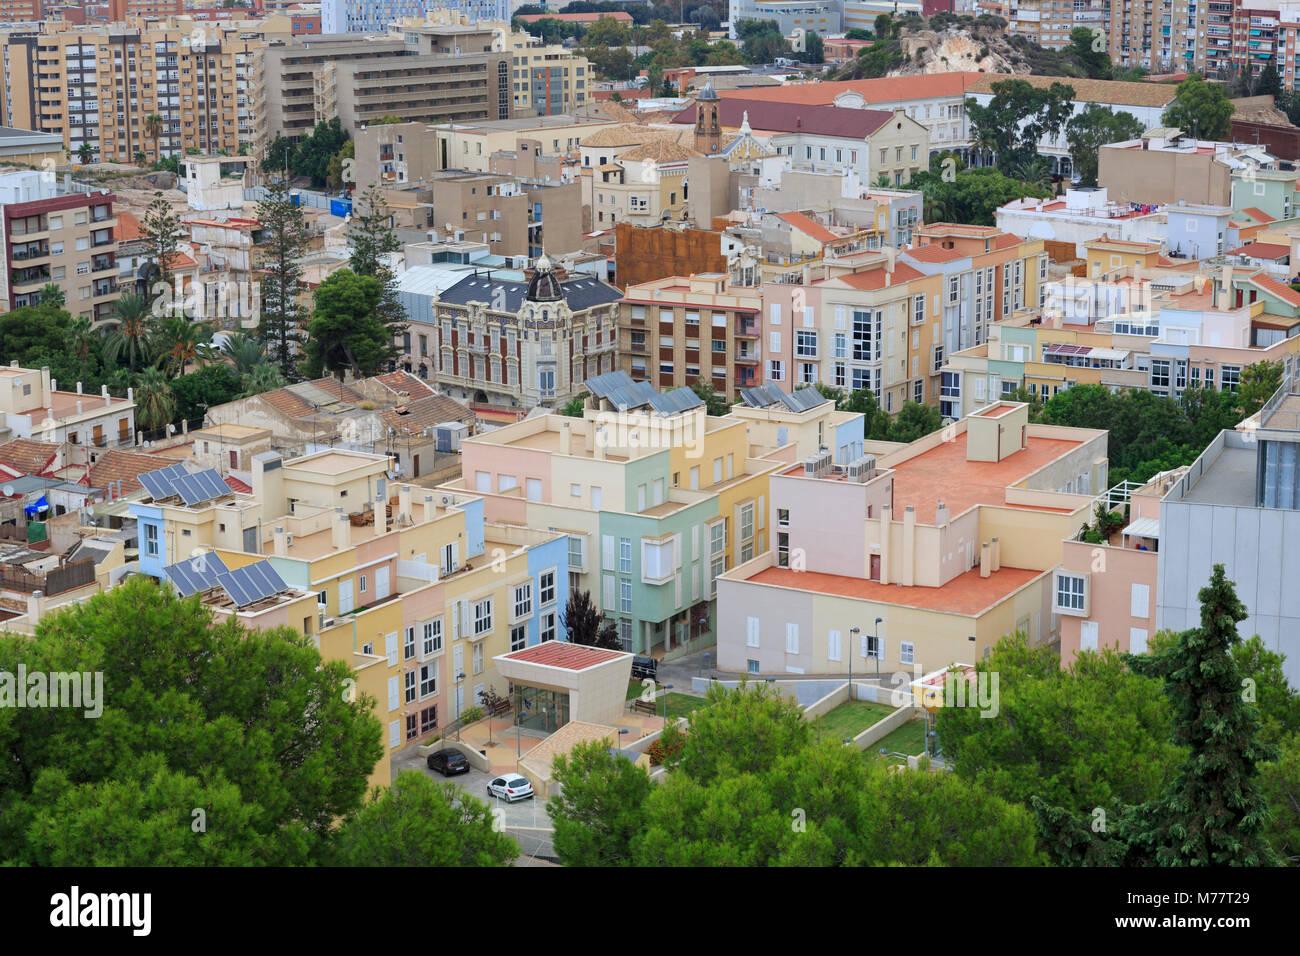 Cartagena, Murcia, Spain, Europe - Stock Image